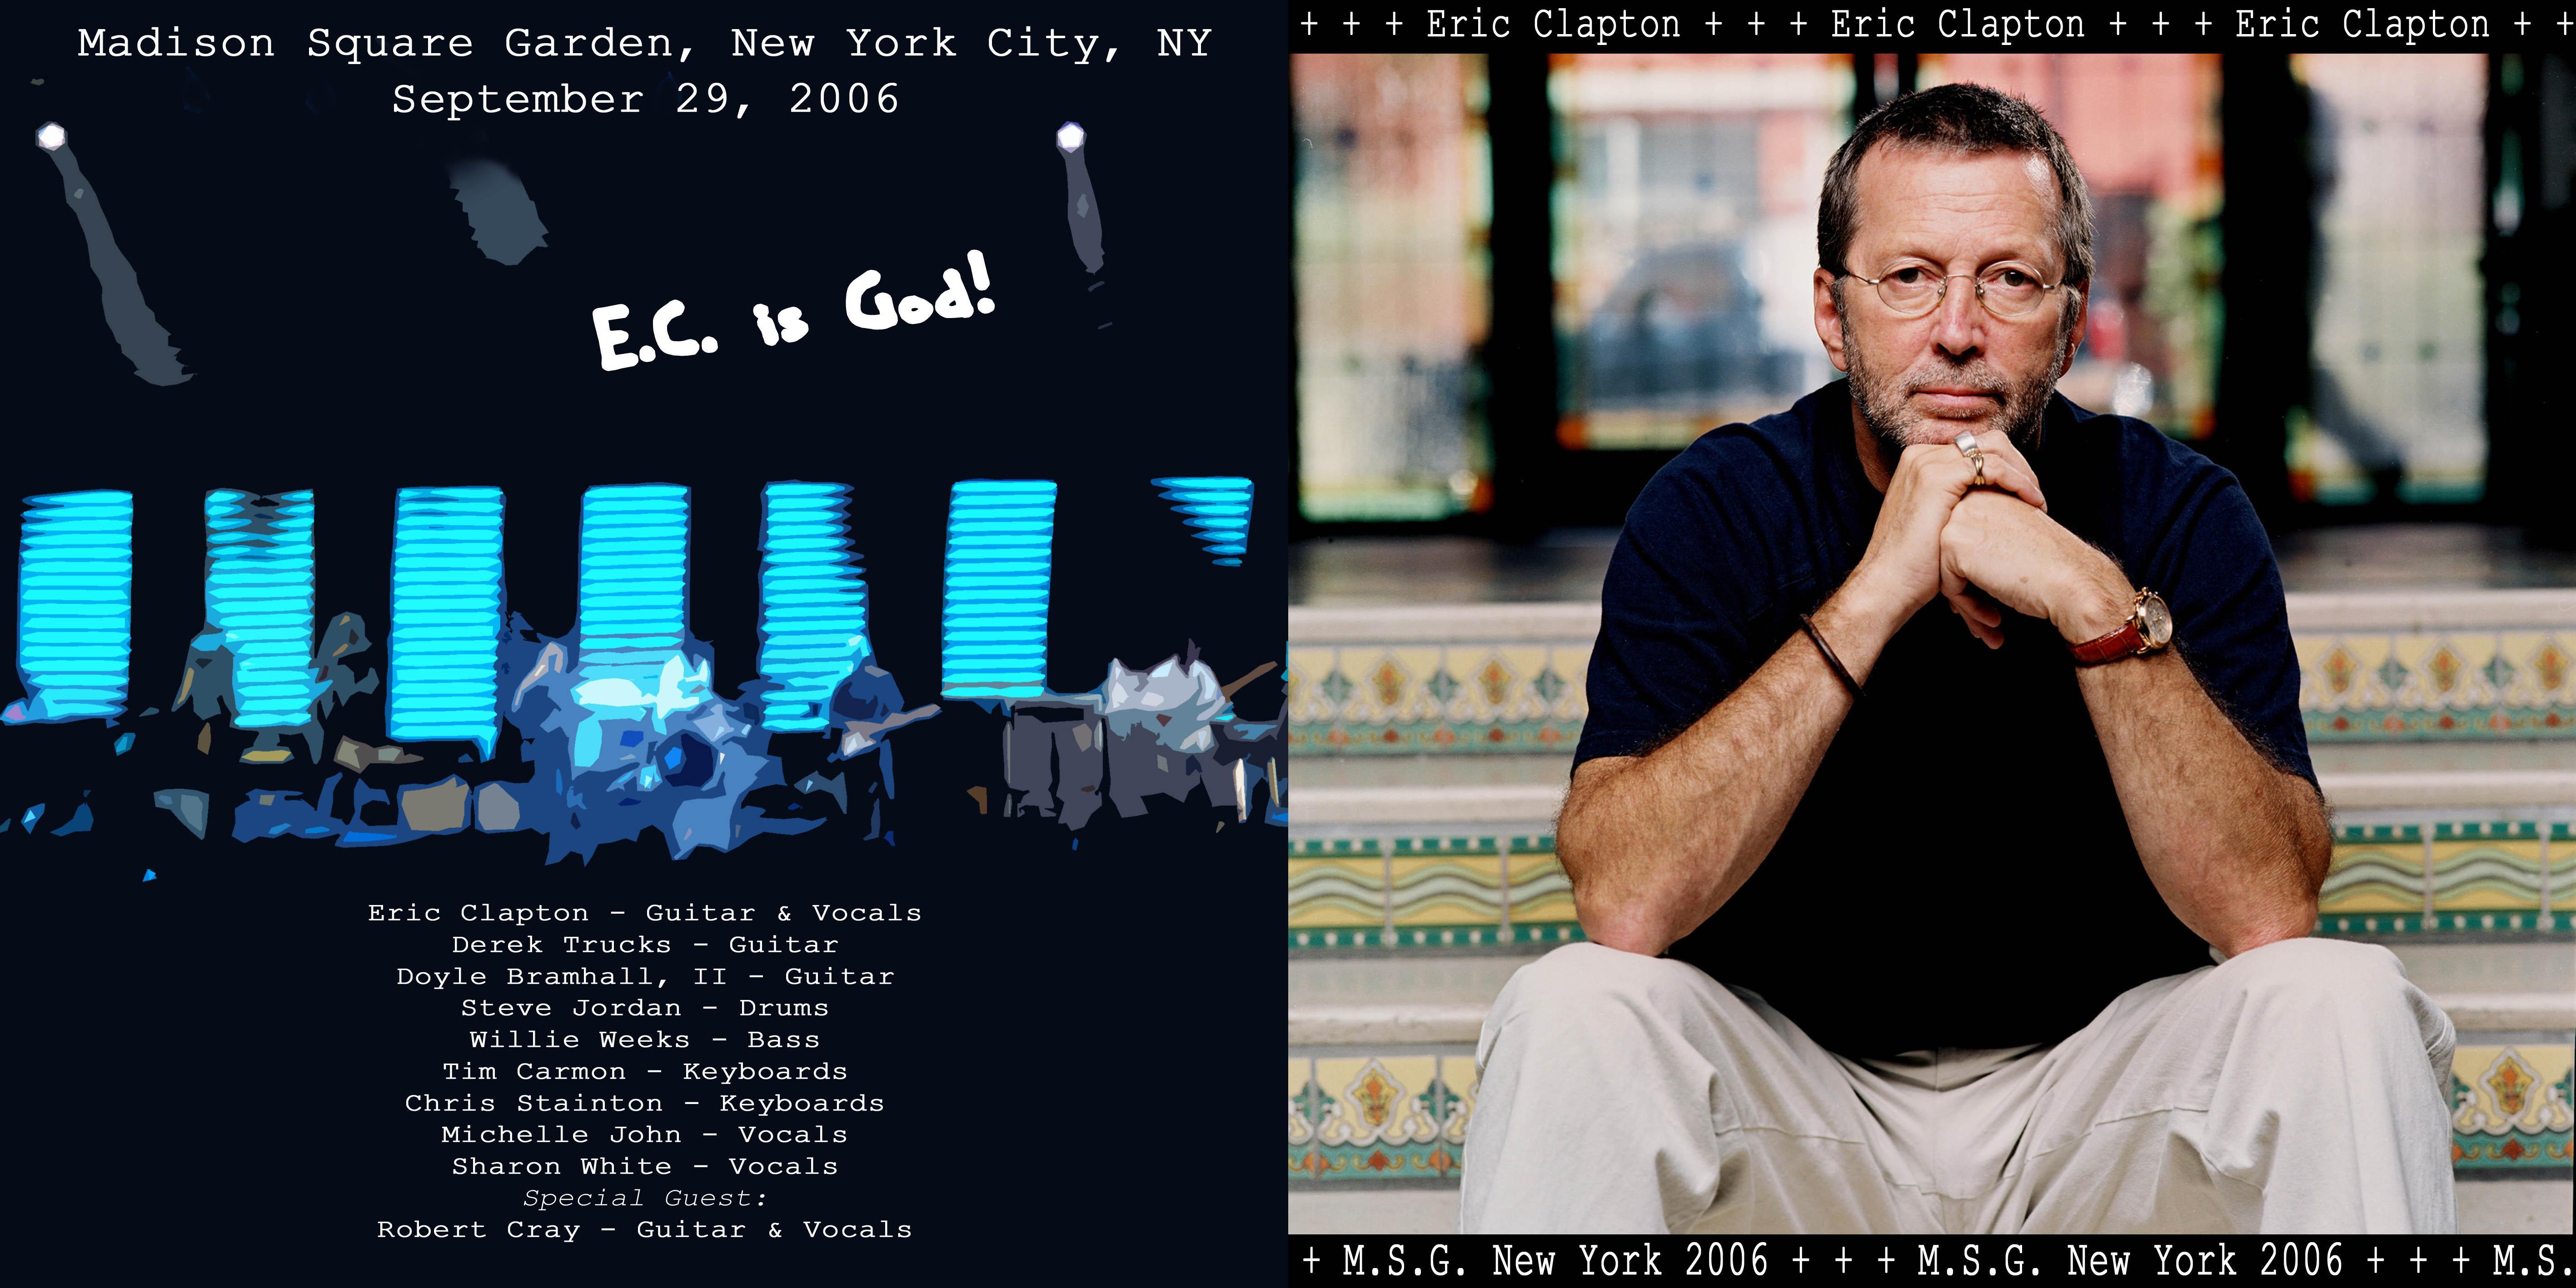 Eric Clapton Madison Square Garden New York New York September 29 2006